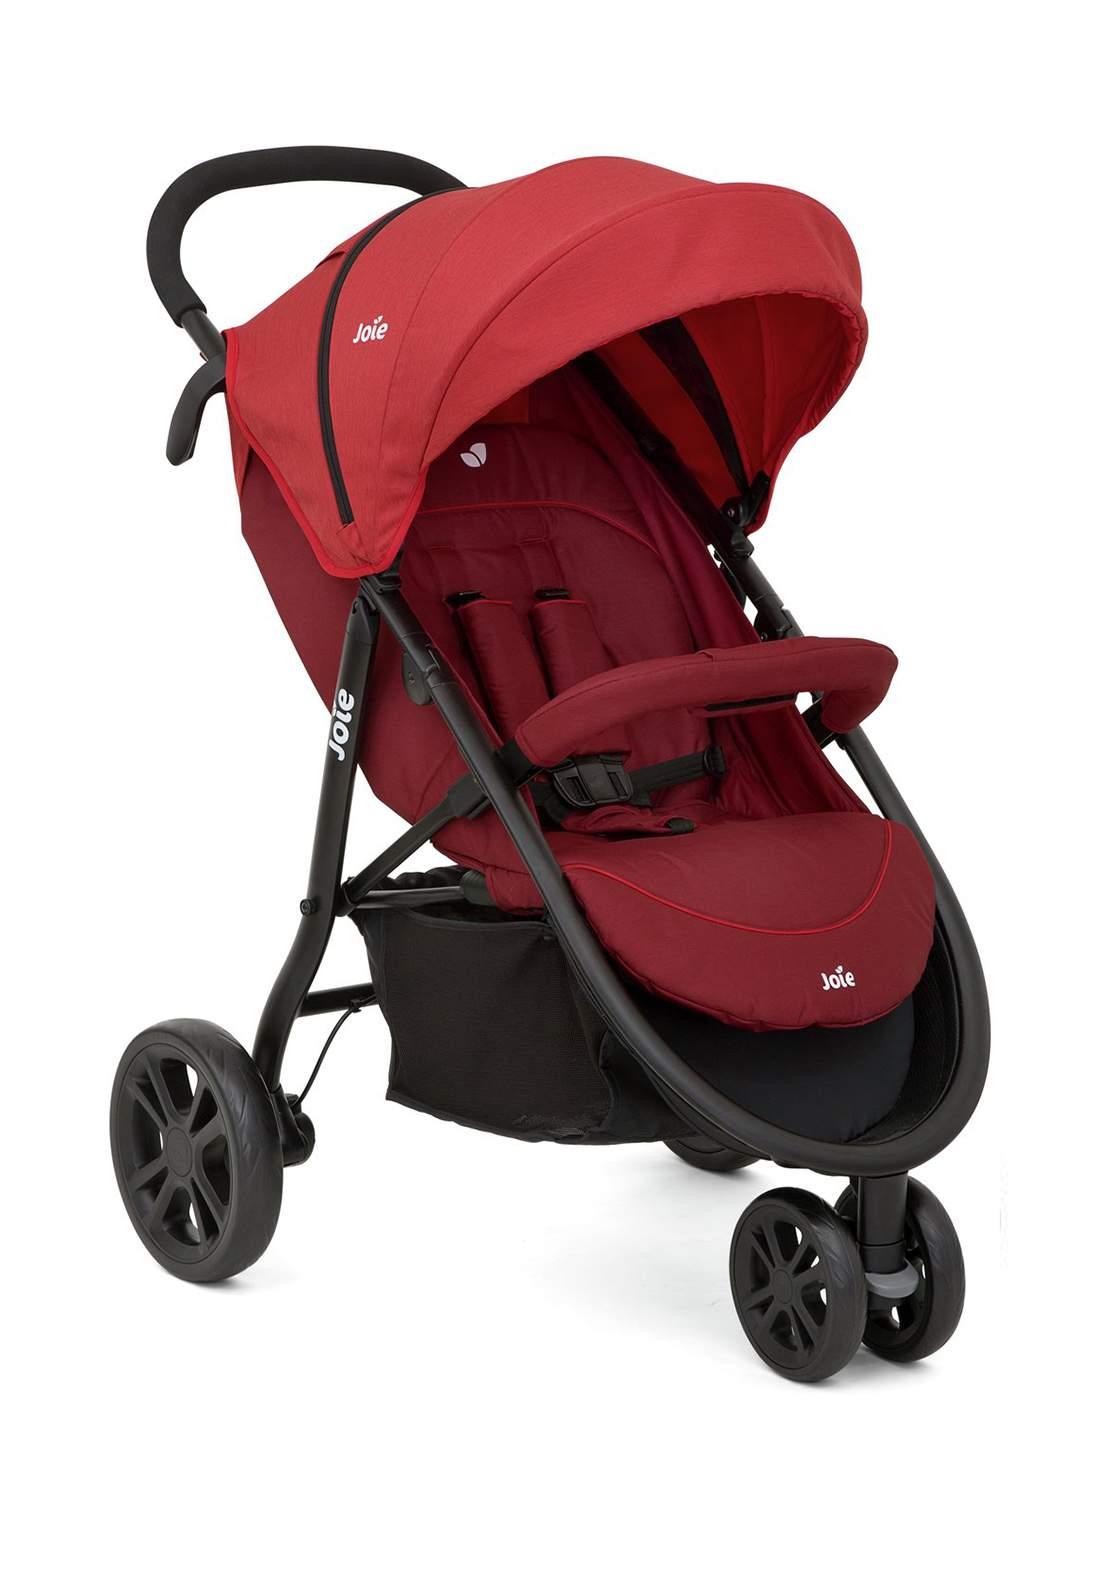 عربة اطفال  10.6 كغمJoie Baby S1112DMCNB000 Litetrax 3 Wheel Stroller - Cranberry